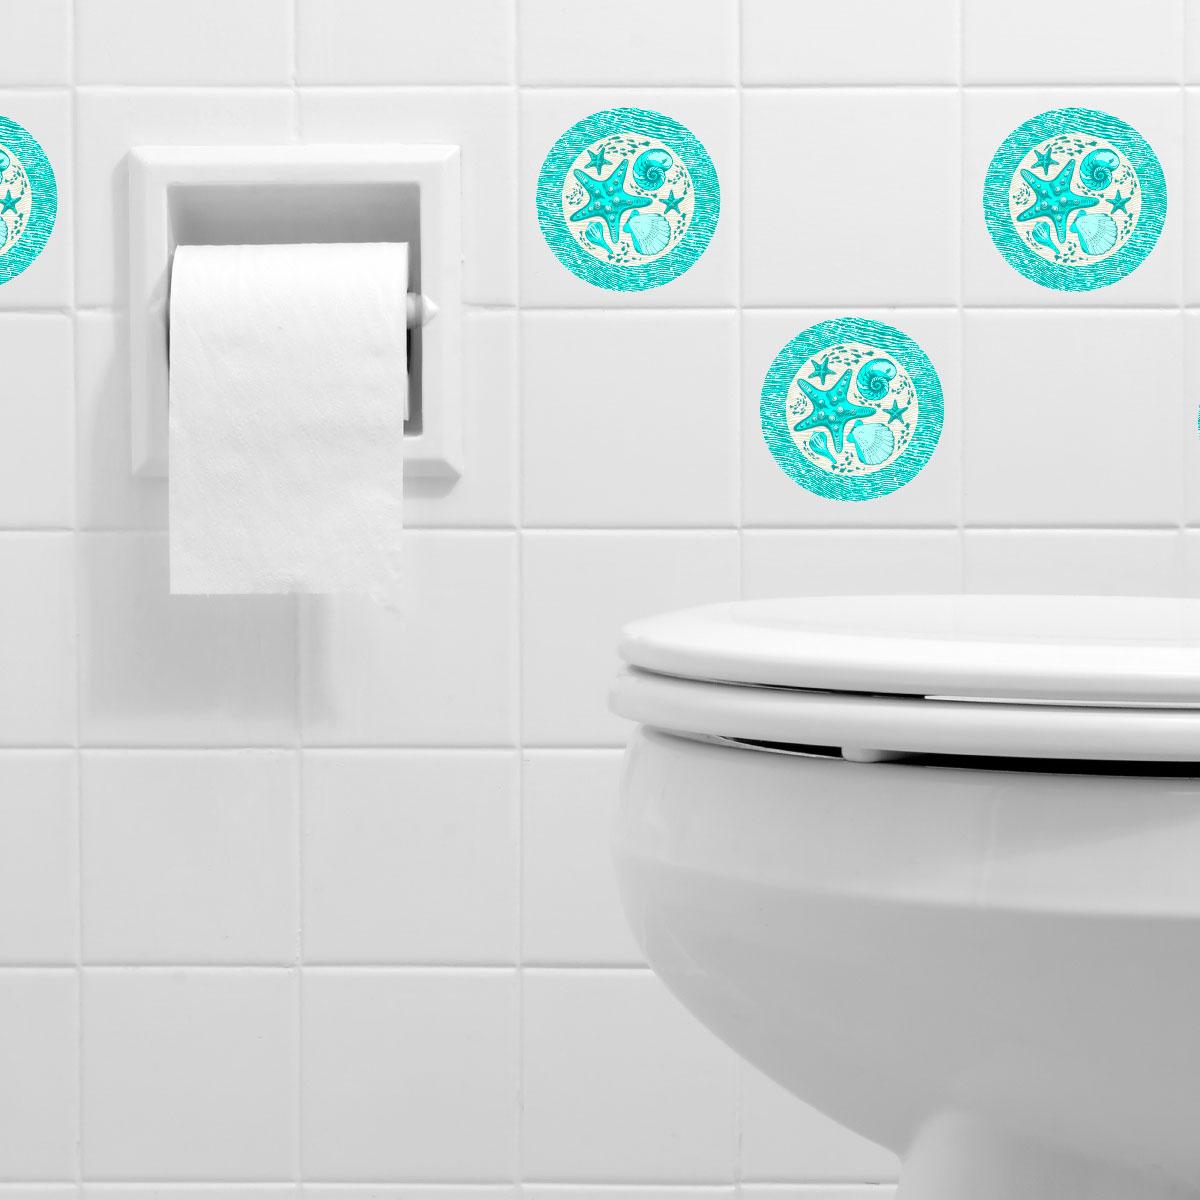 Carrelage Salle De Bain Jungle ~ sticker pour carrelage etoiles de mer et coquillages art et design